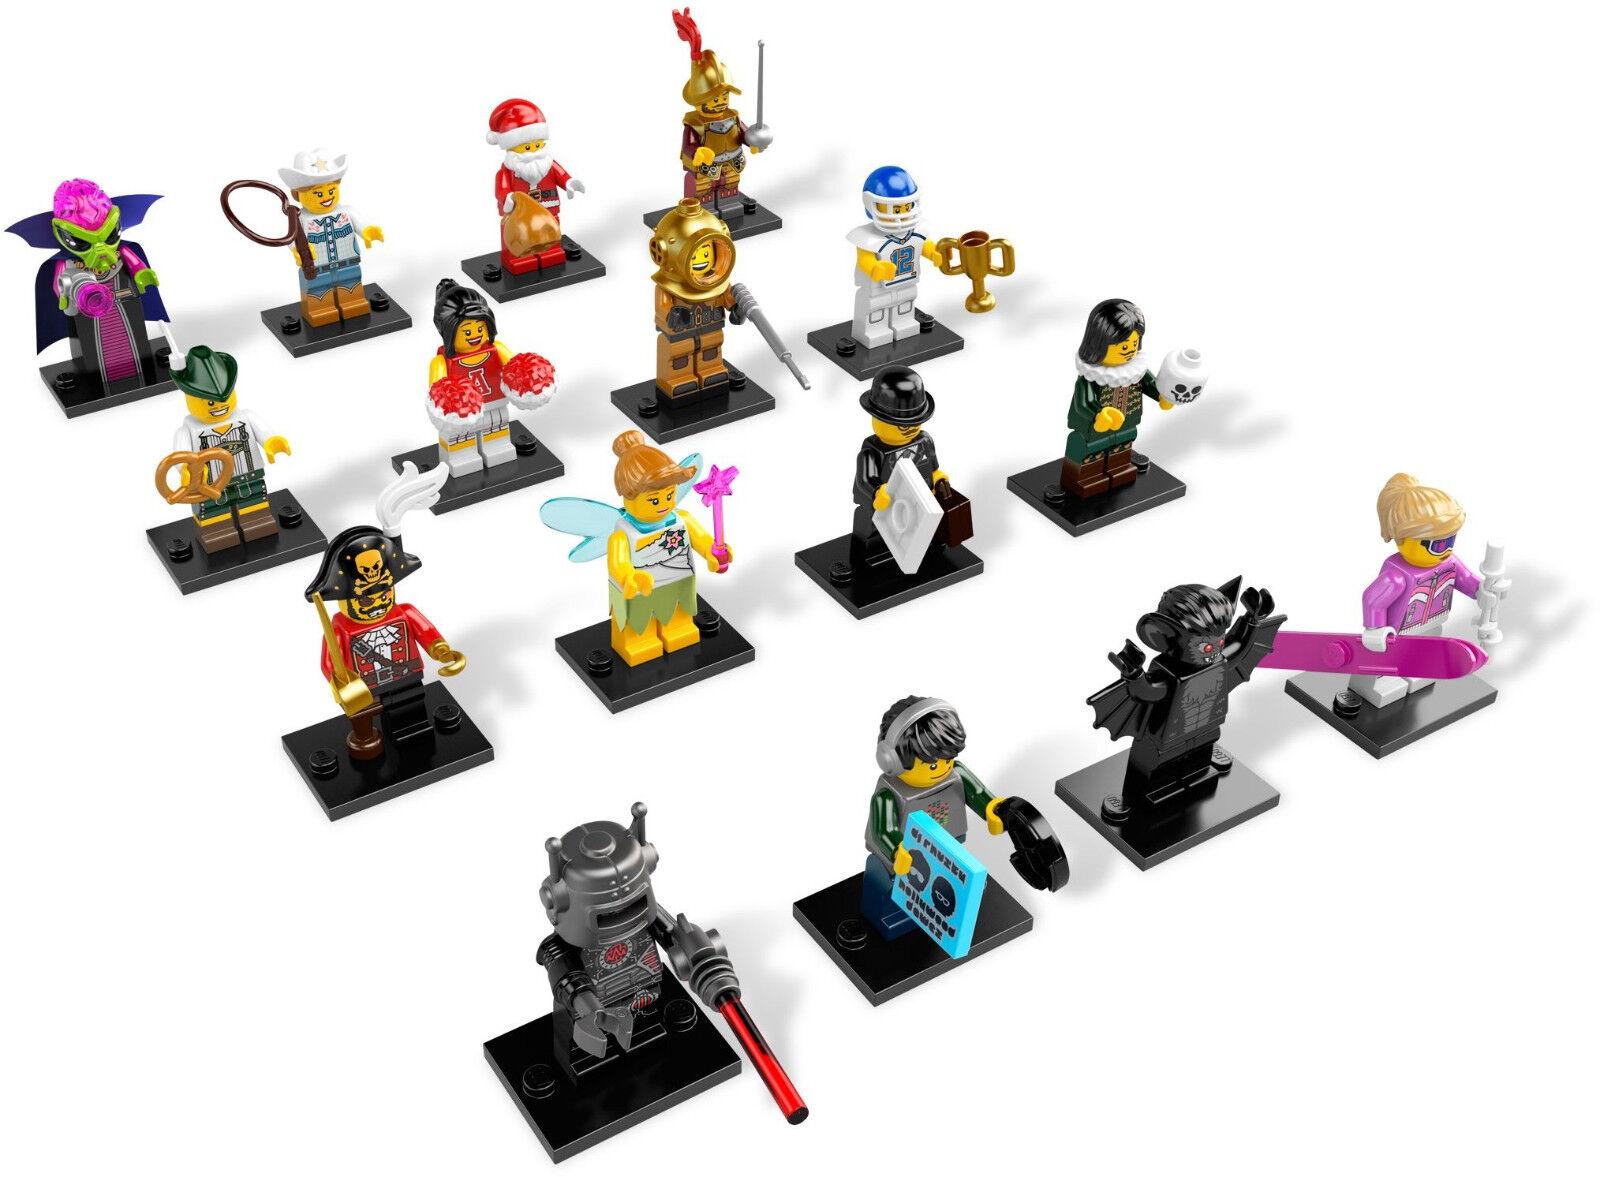 ampia selezione Lego Minicifras - SET 8831 - SERIE 7 7 7  l'ultimo